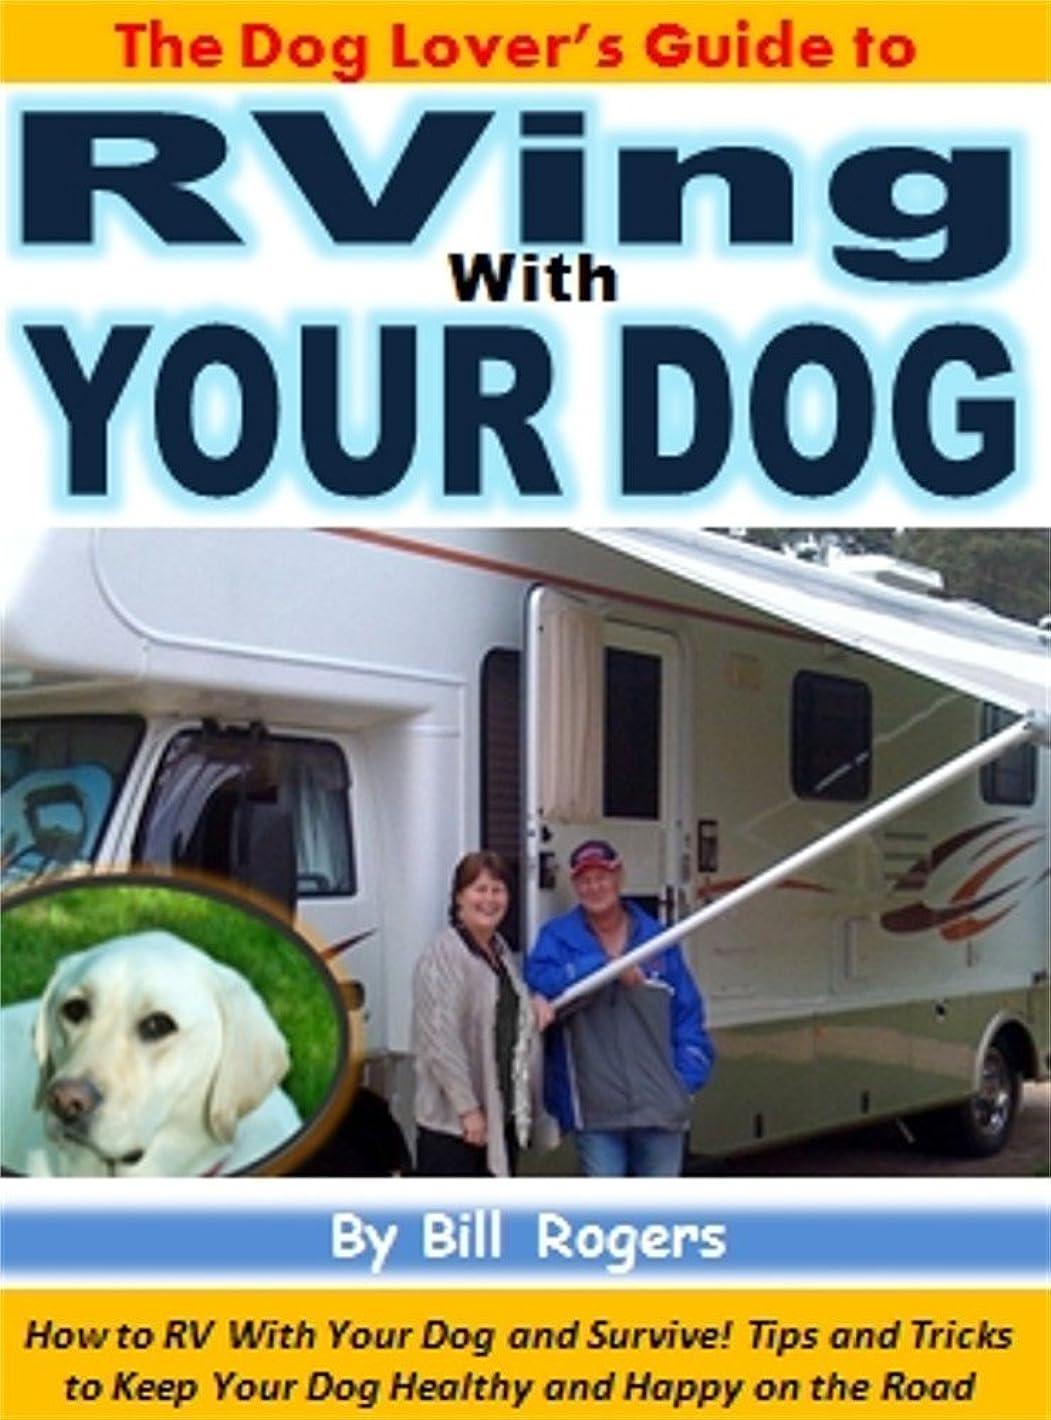 スキャン画家含むThe Dog Lover's Guide to RVing With Your Dog: How to RV With Your Dog and Survive! Tips and Tricks to Keep Your Dog Healthy and Happy on the Road (English Edition)